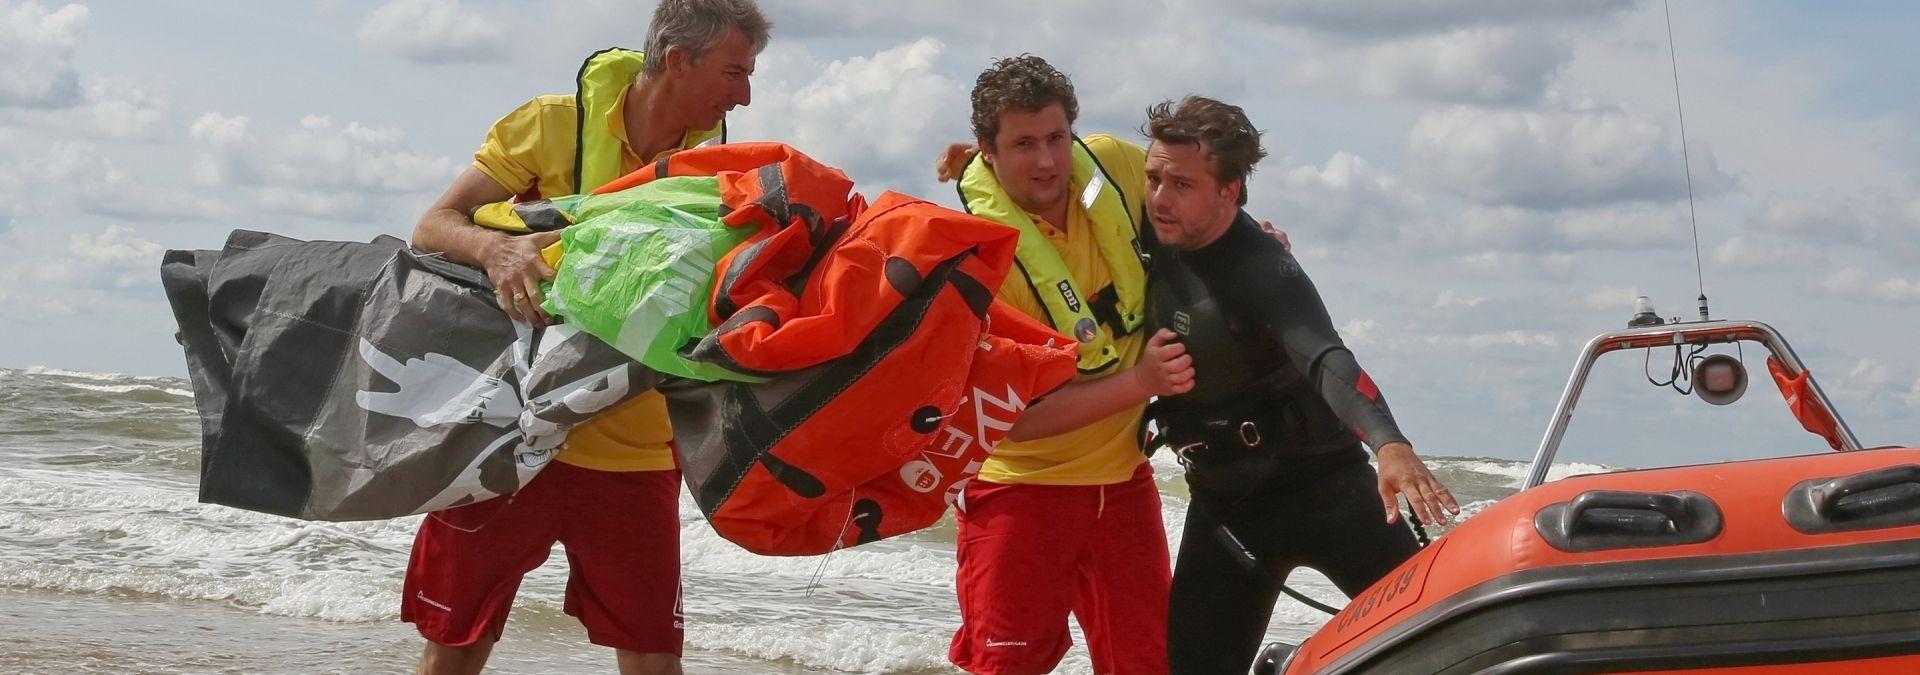 Reddingsbrigade hulpverlening kitesurfers: Foto Ko van Leeuwen